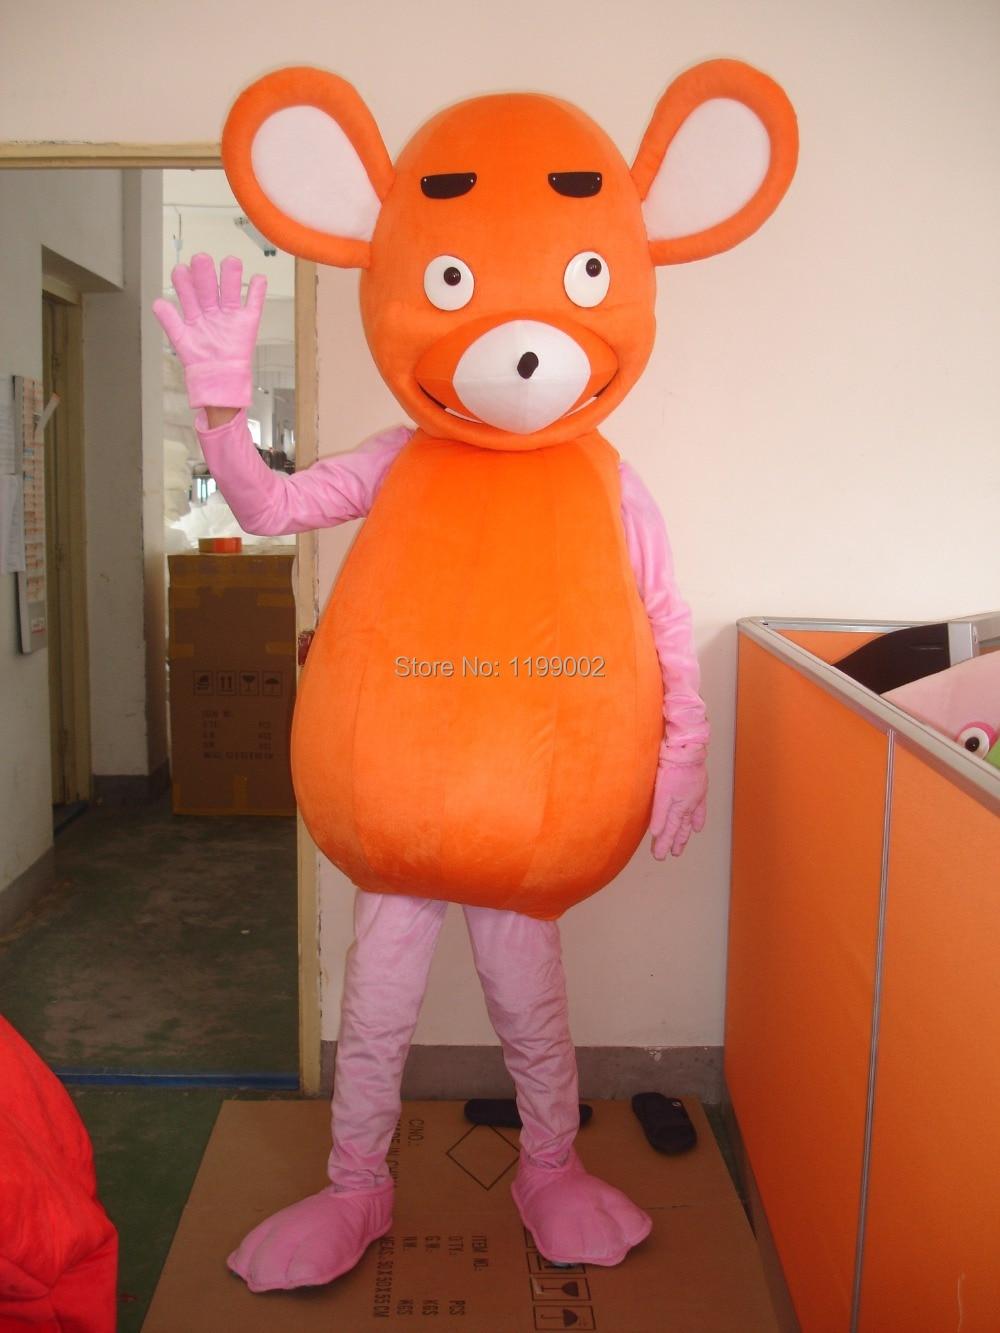 Nouveau tir à chaud de haute qualité souris rouge dessin animé mascotte costume livraison gratuite pour Halloween fête événement